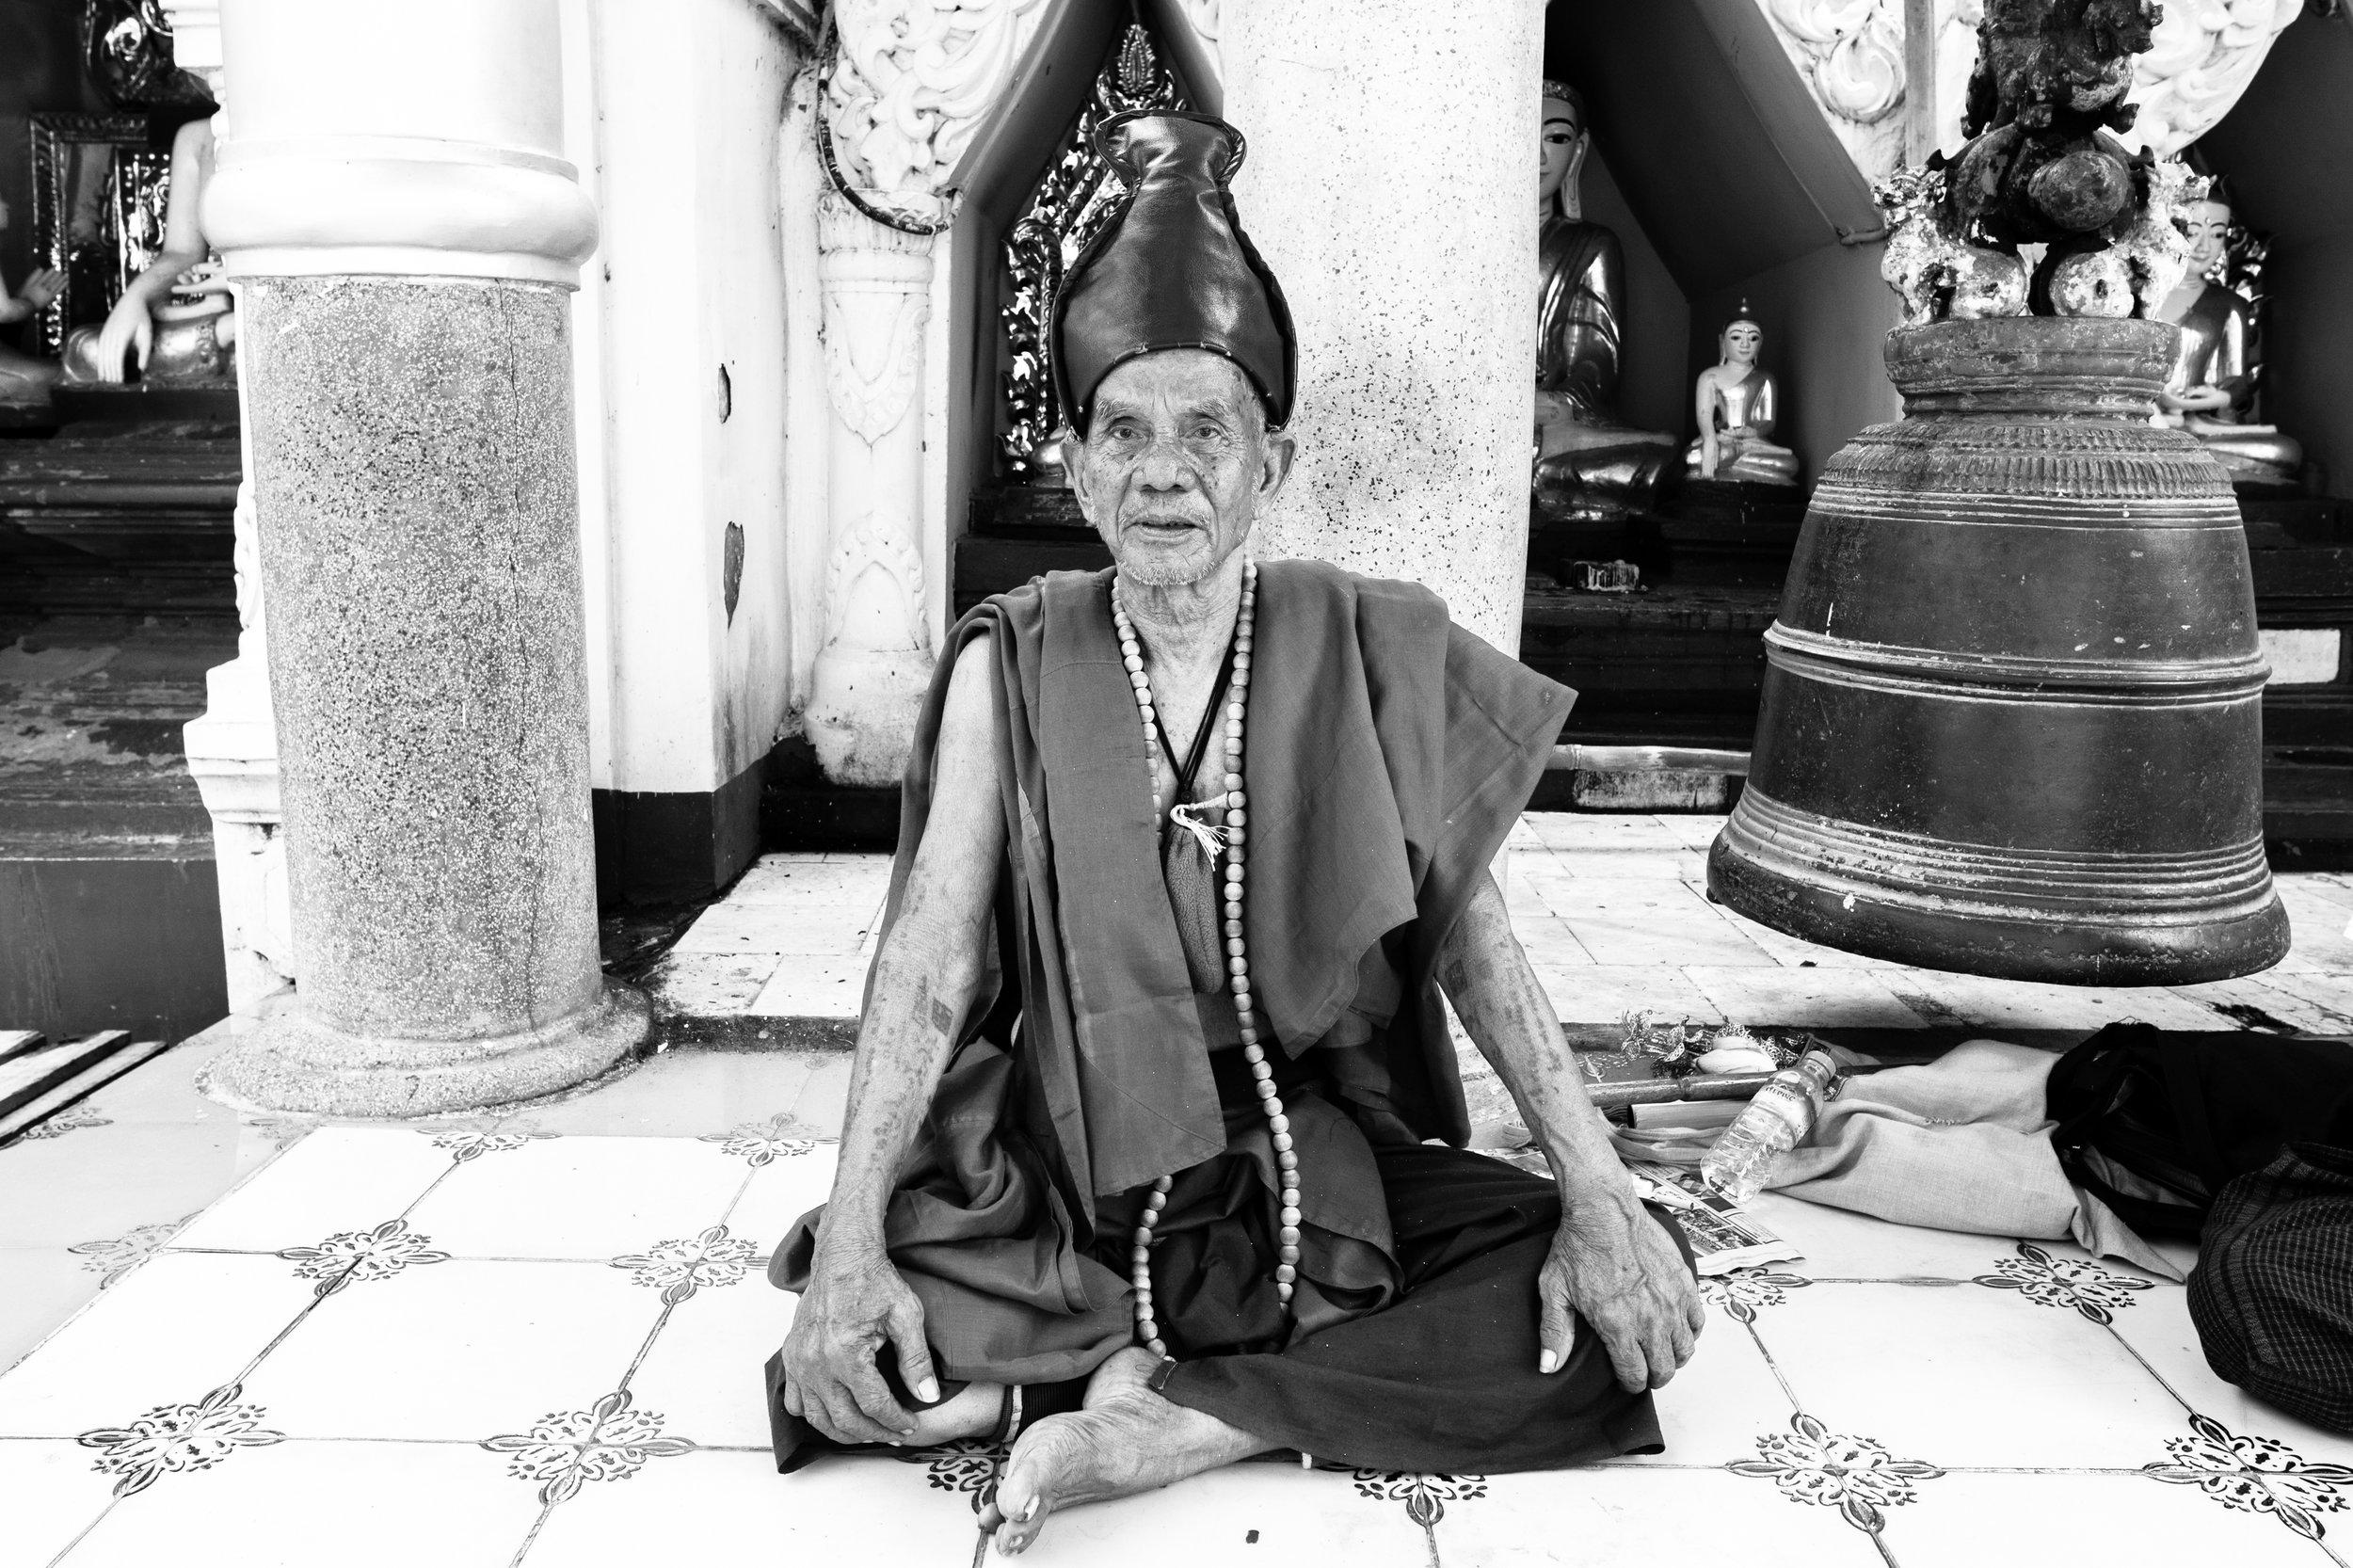 Monk_Yangon_Mono_-1.jpg